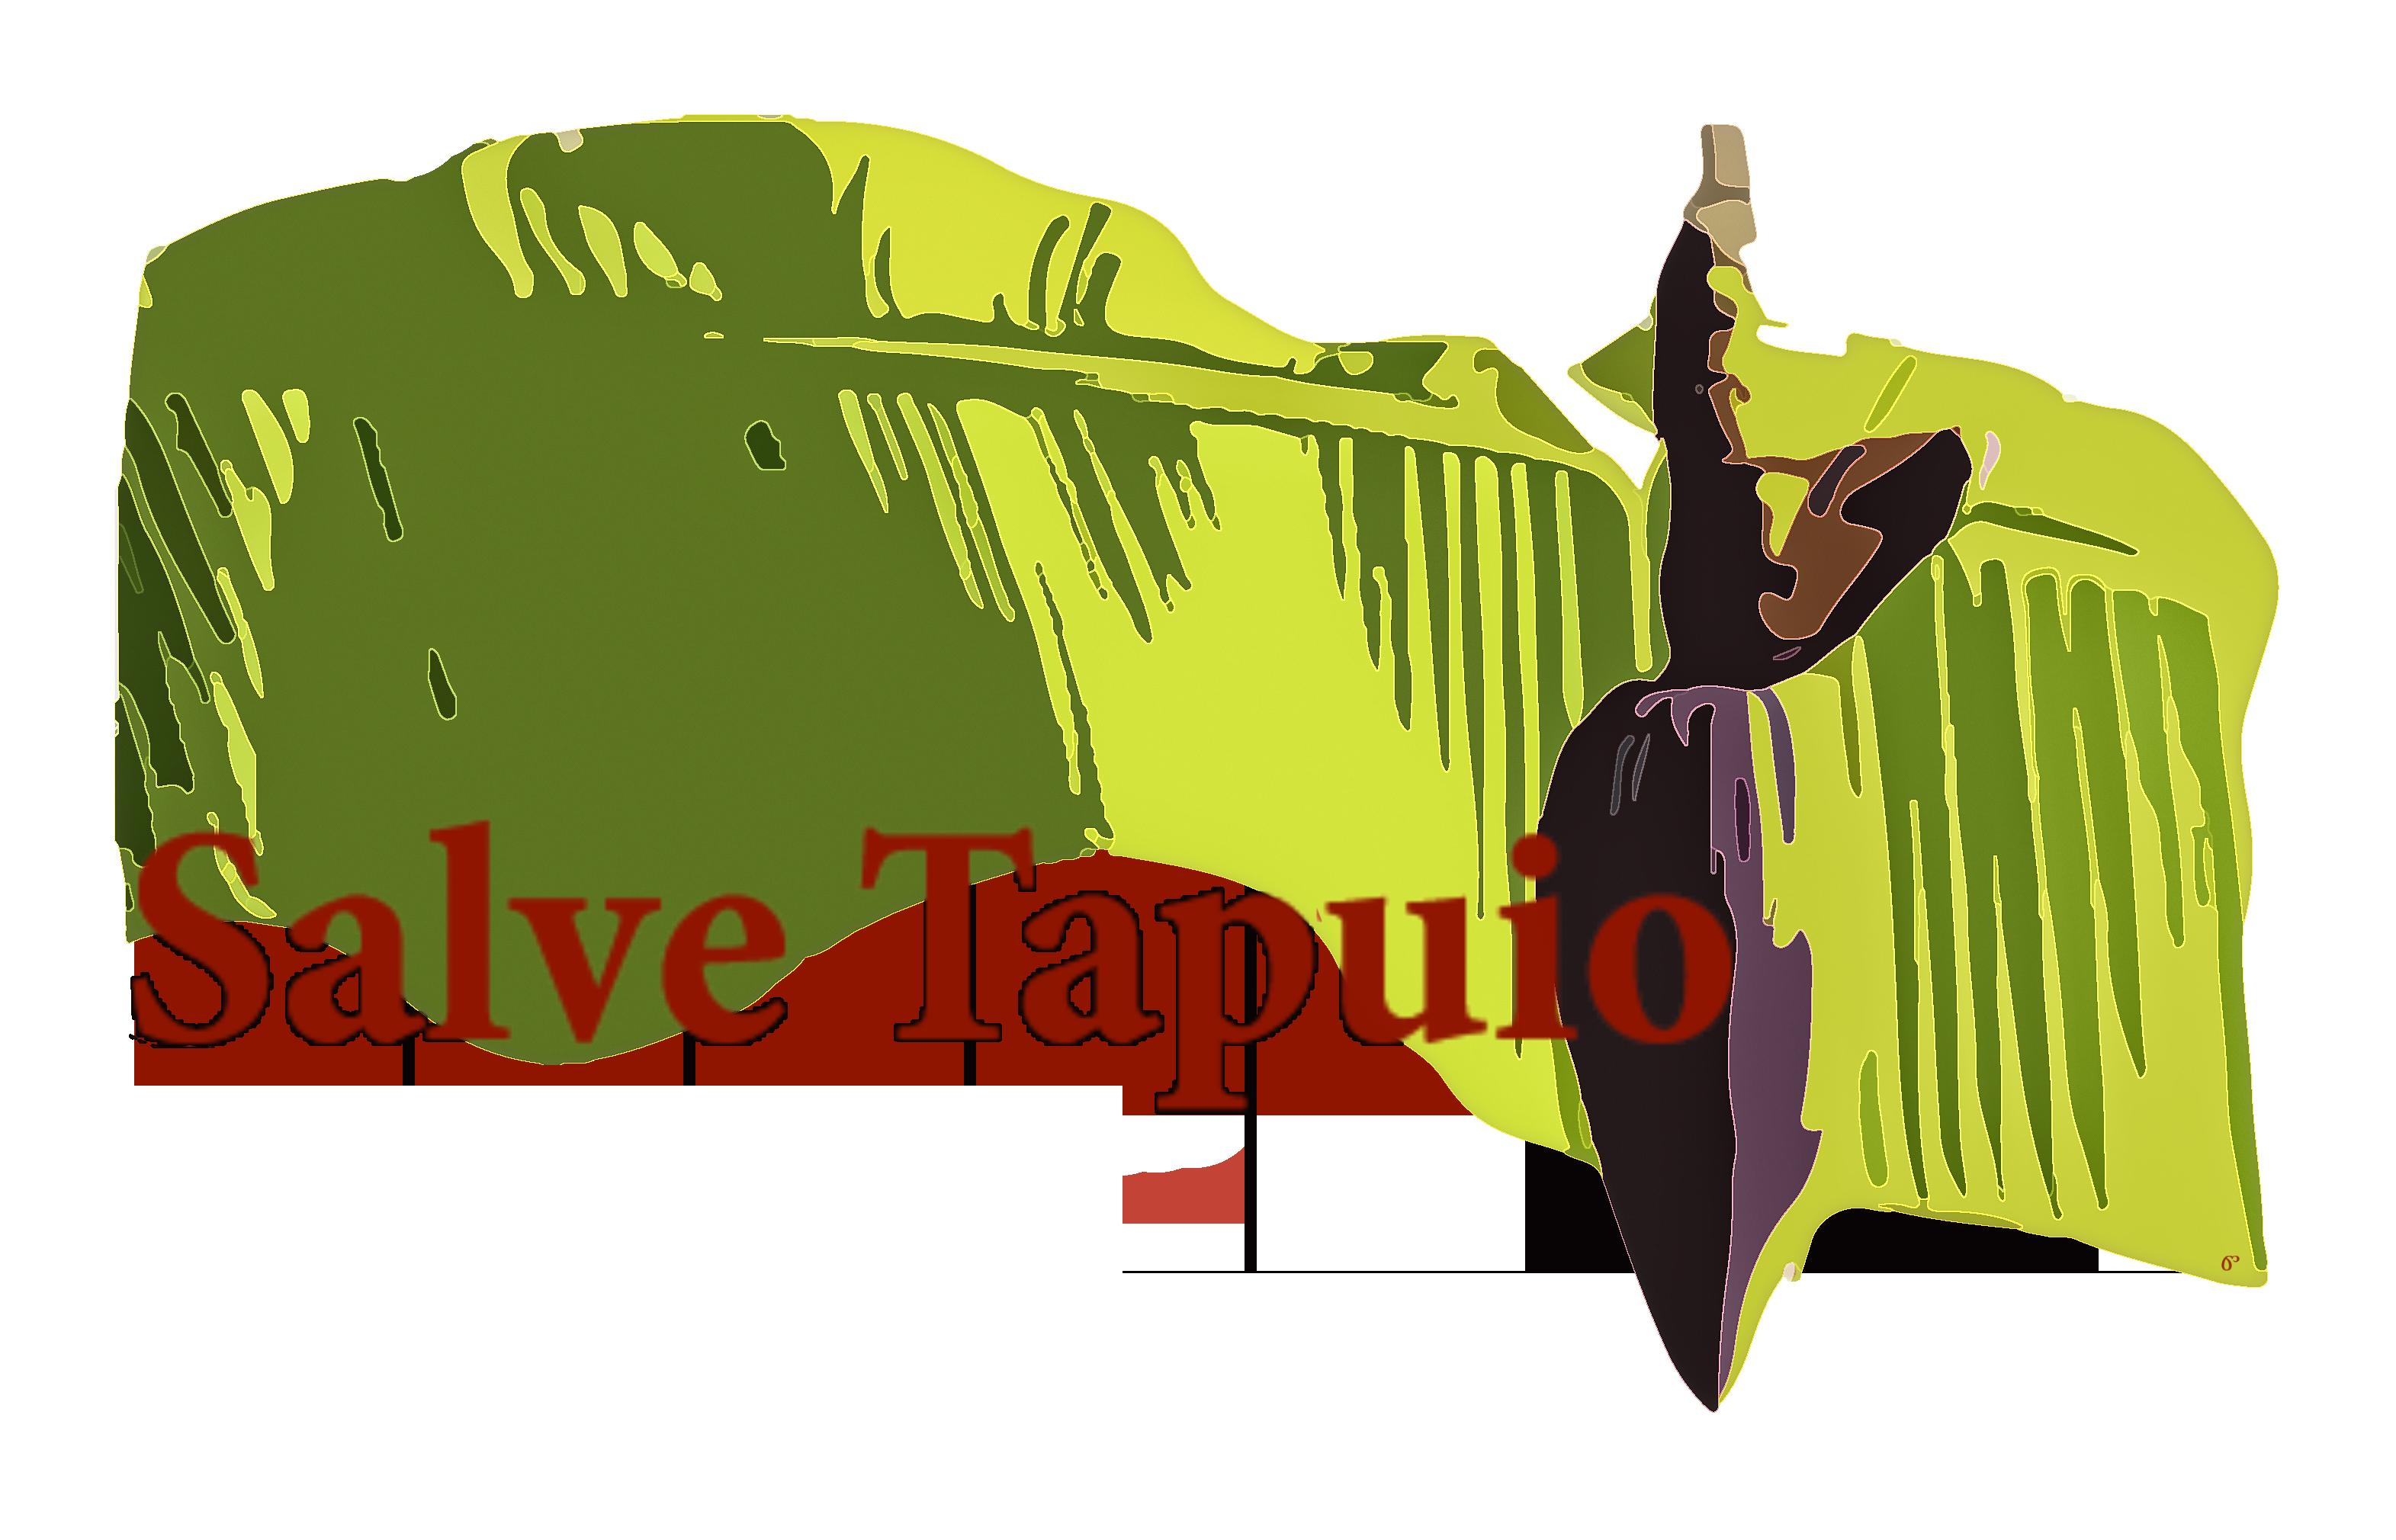 Salve Tapuio, caçadores, meio ambiente